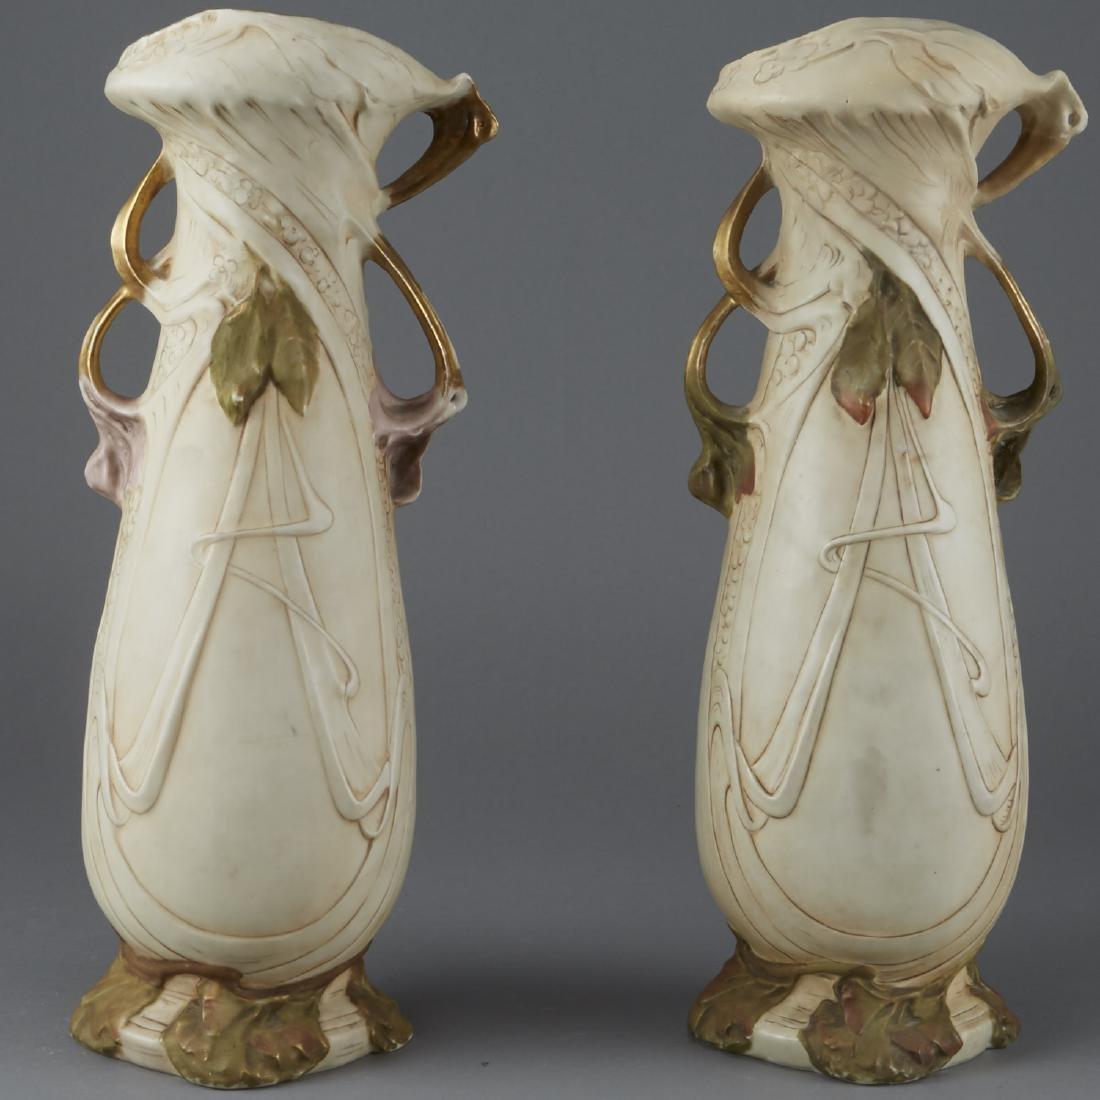 2 Amphora Vases - 3